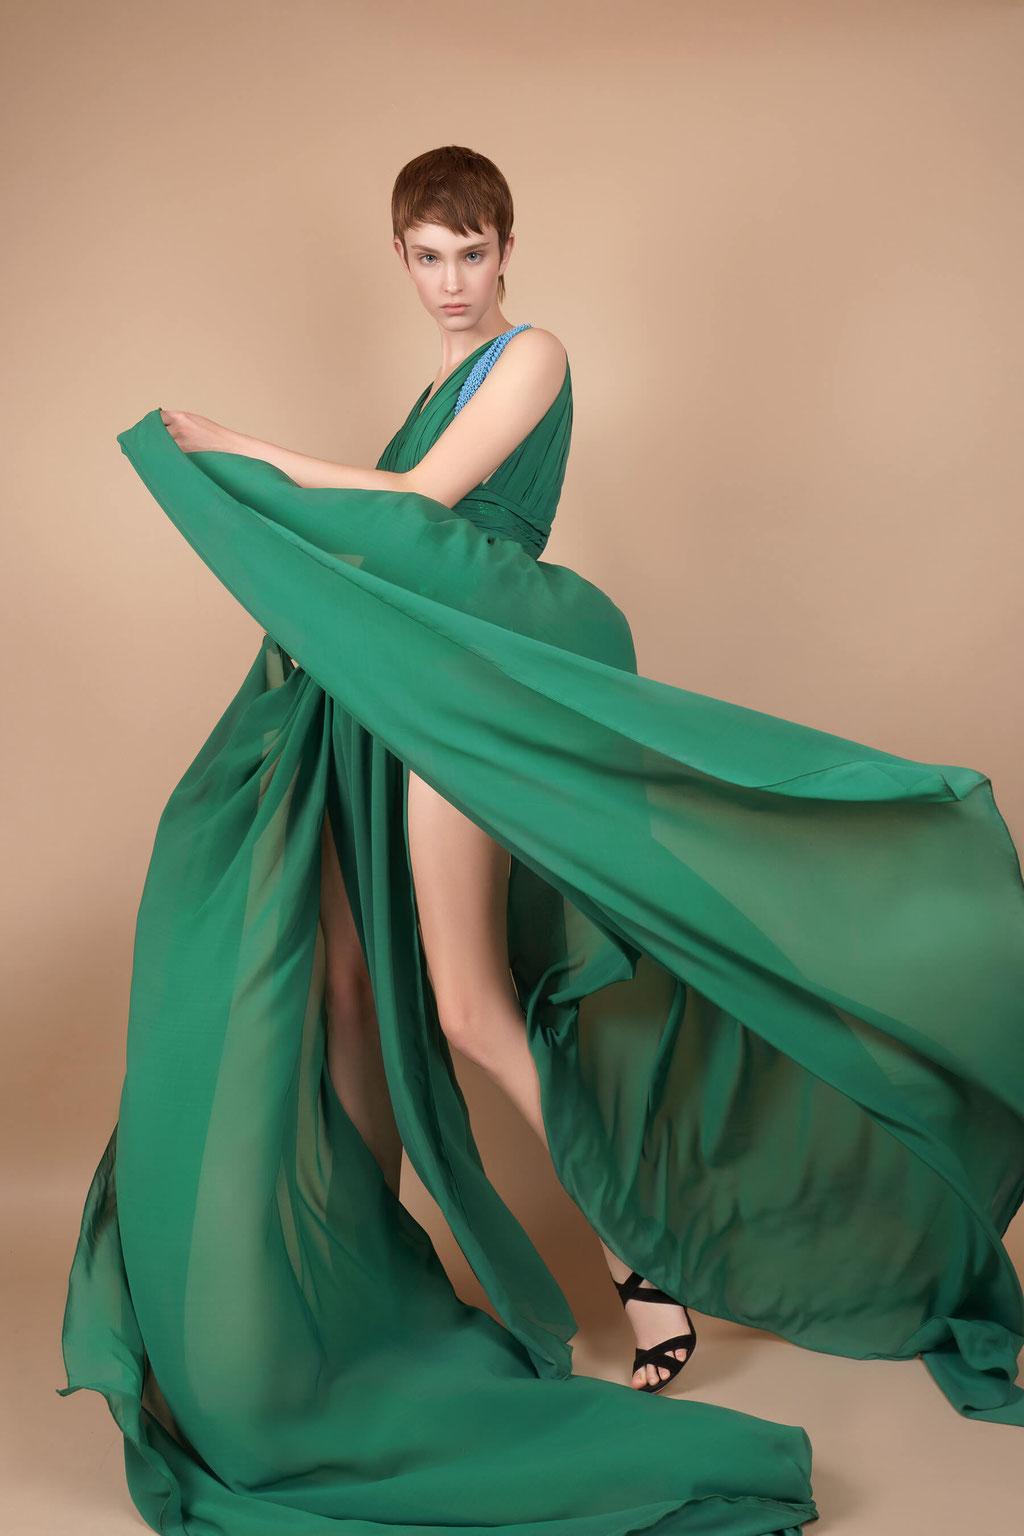 Brigitte Aeschbach Photography_Jade Mourjian 09